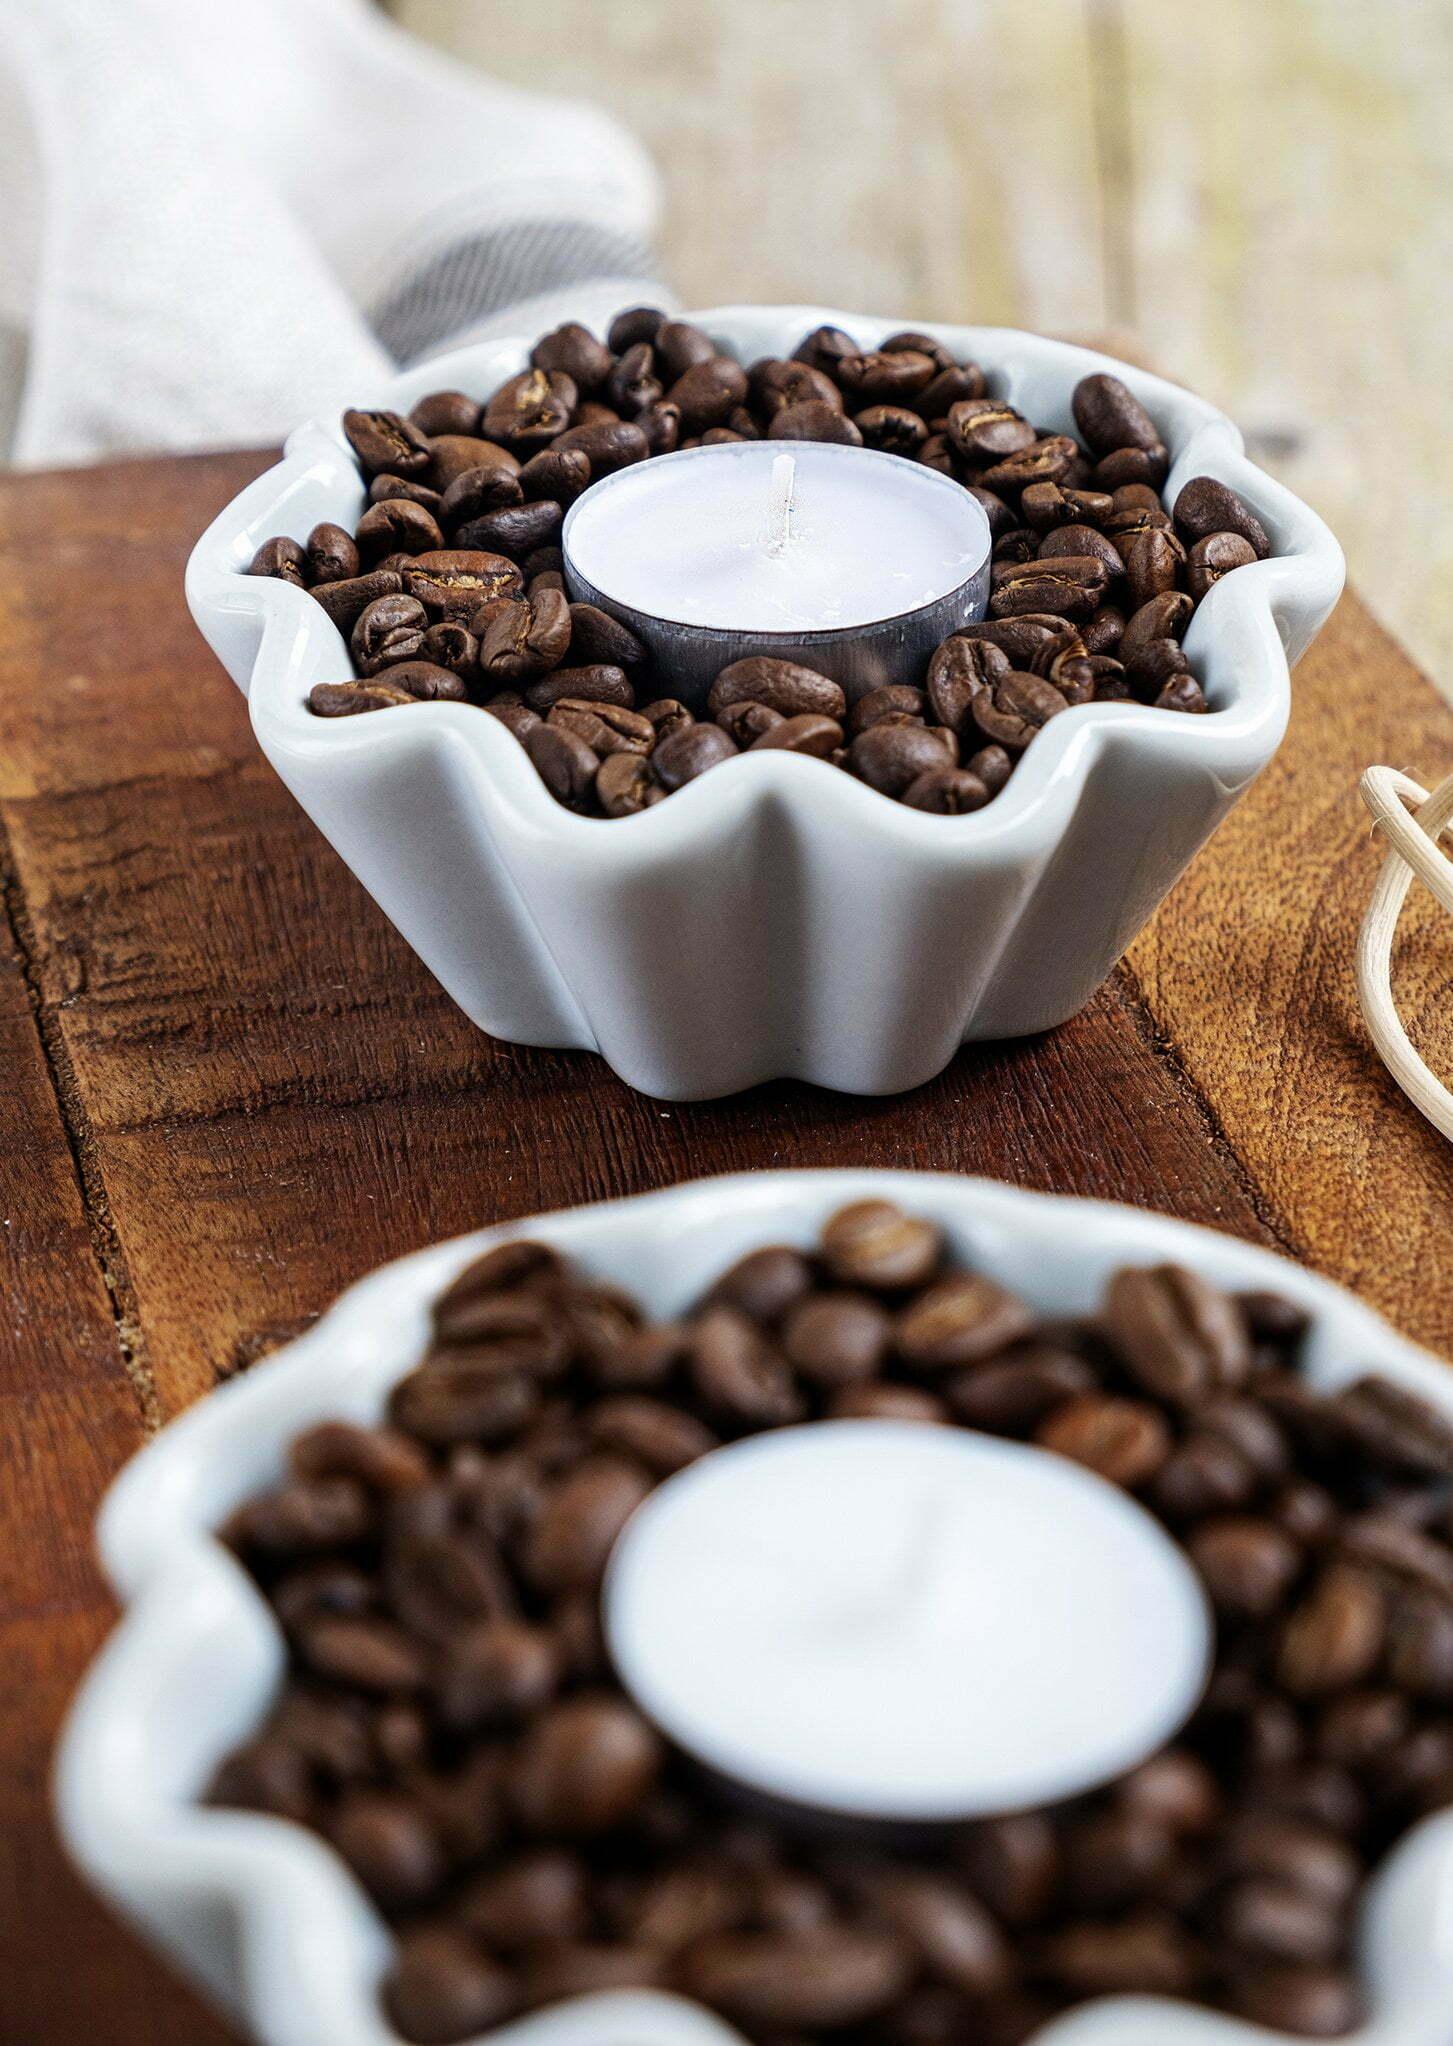 Theelichthouder decoratie met koffiebonen - Diy